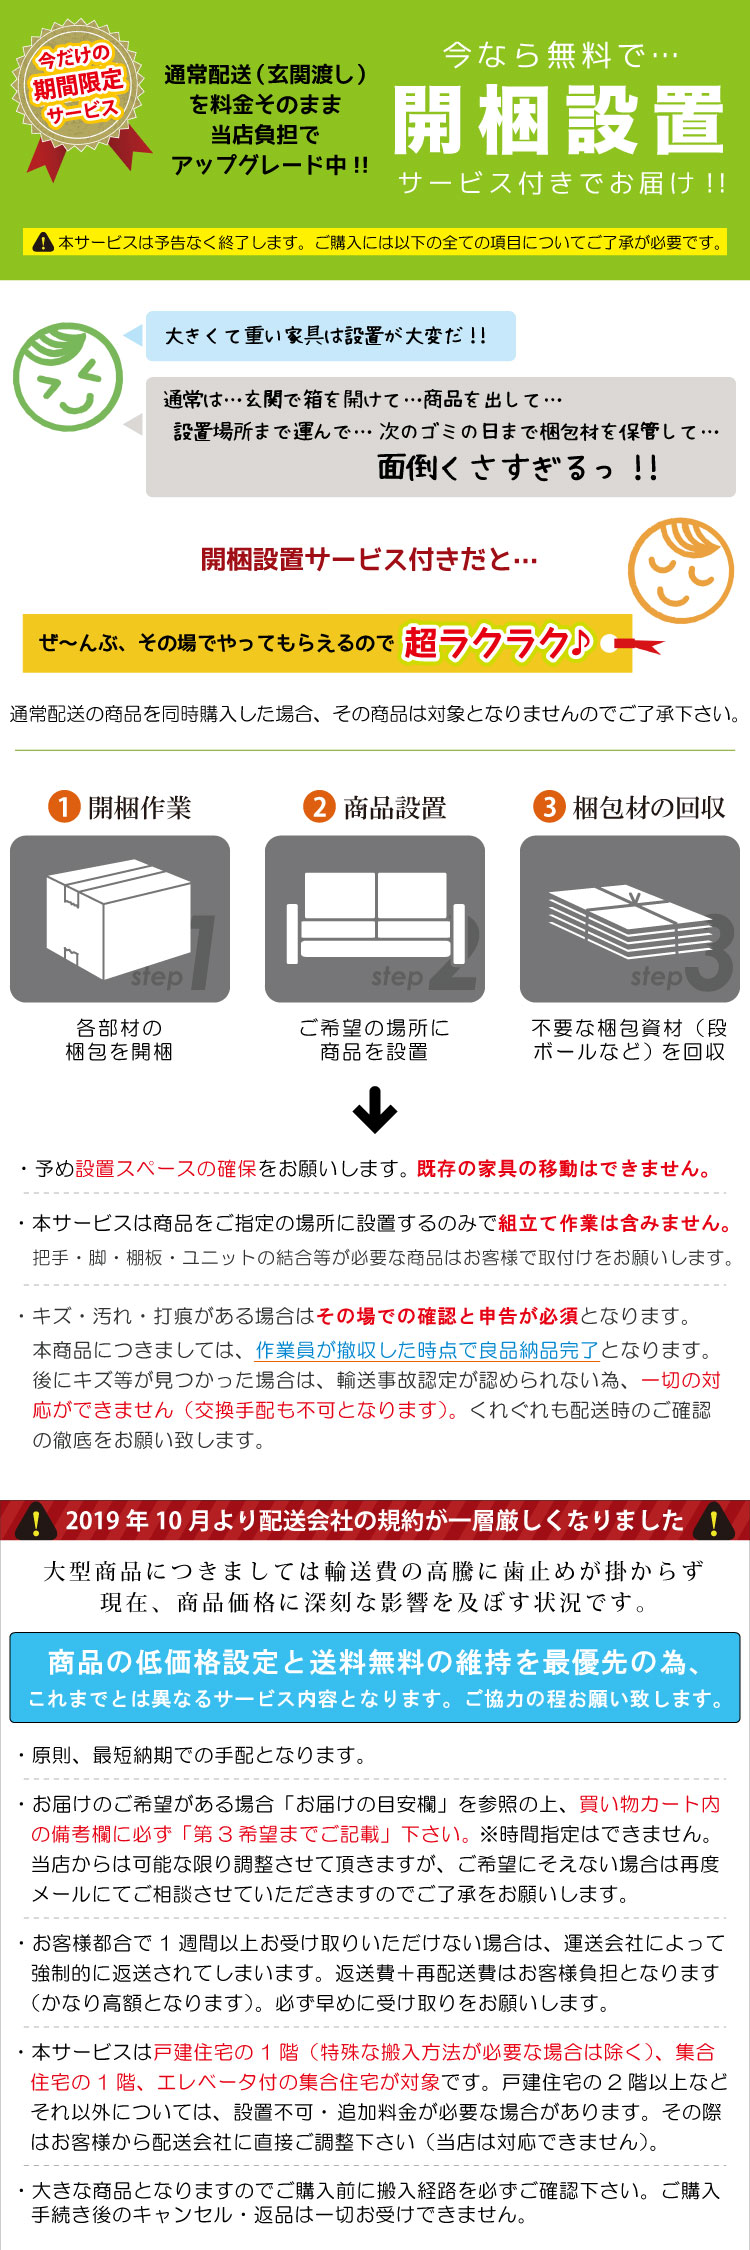 幅180cm・光沢ホワイトUV塗装テレビボード(ヘアラインデザイン)【今なら特典付き!開梱設置サービス無料】